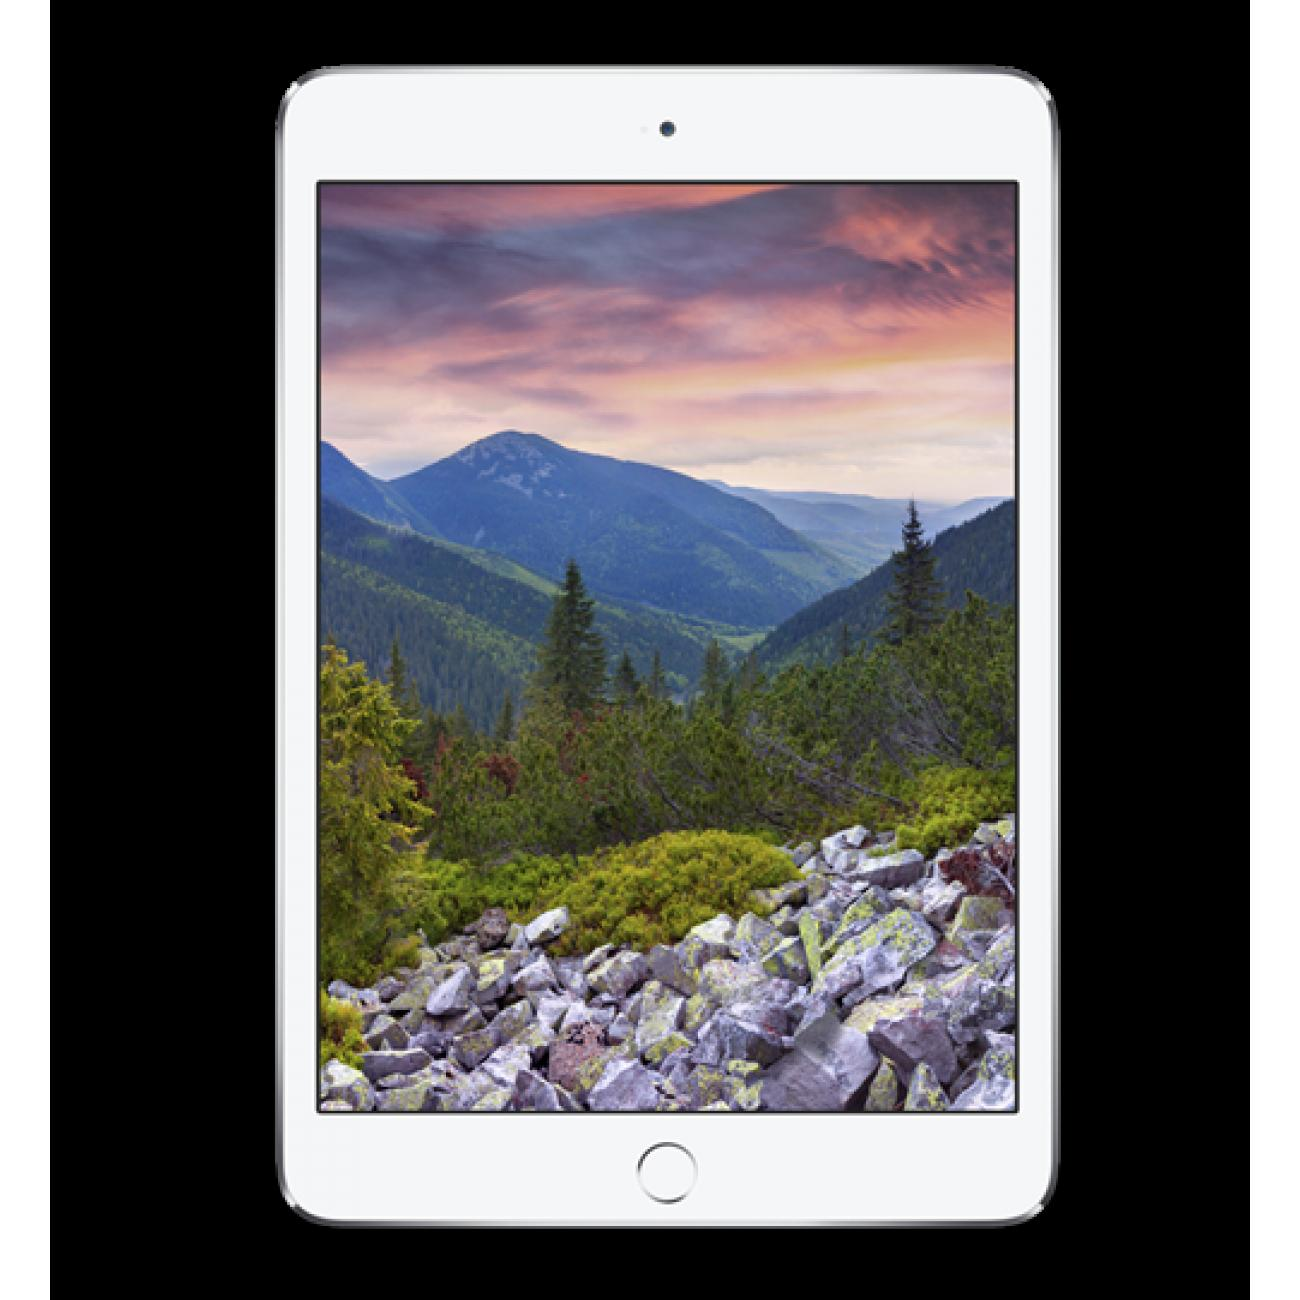 iPad mini 3 16 GB - Silber - Wlan